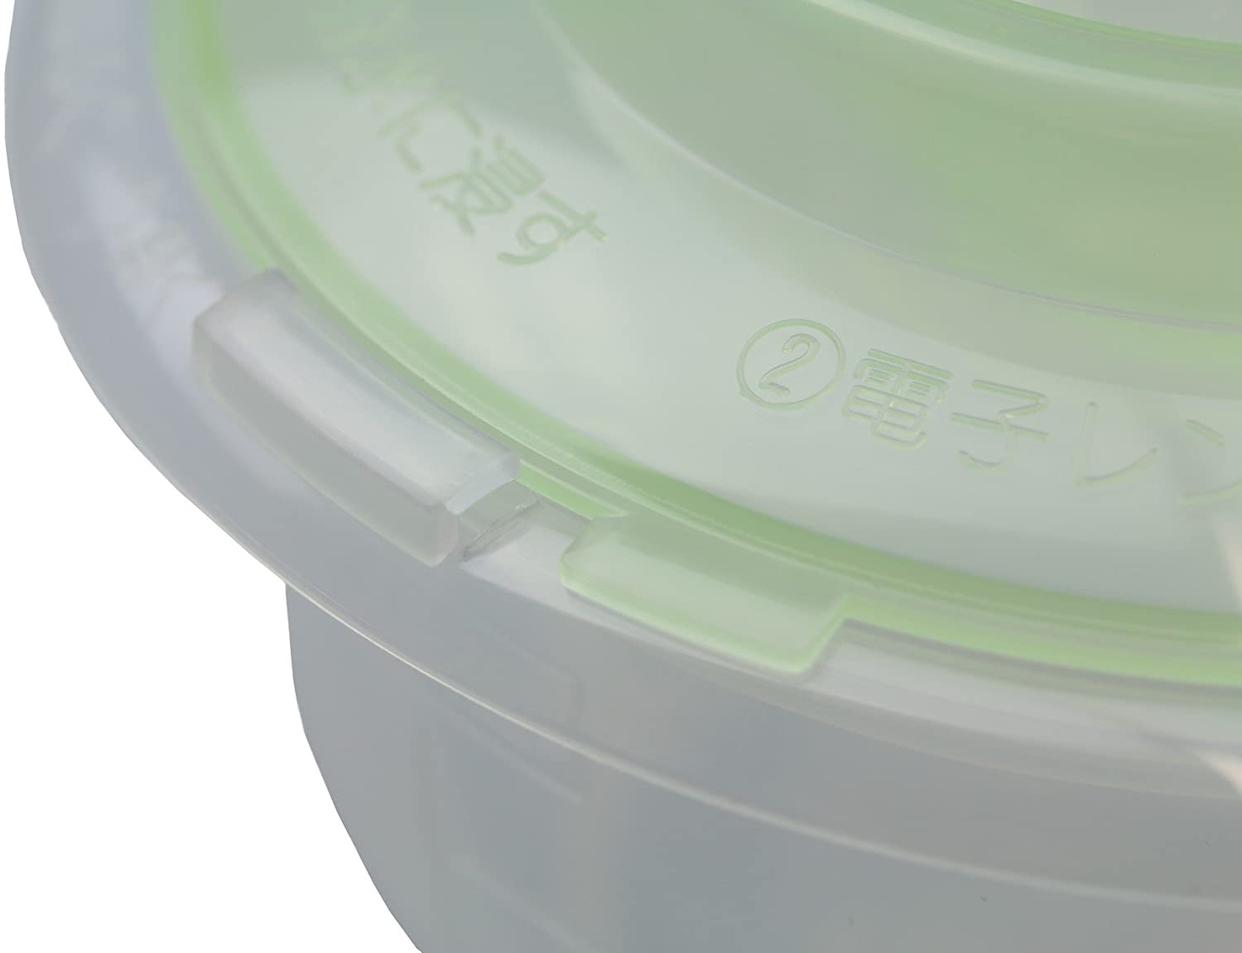 パール金属(PEARL) 電子レンジグルメご飯炊き C-244の商品画像4